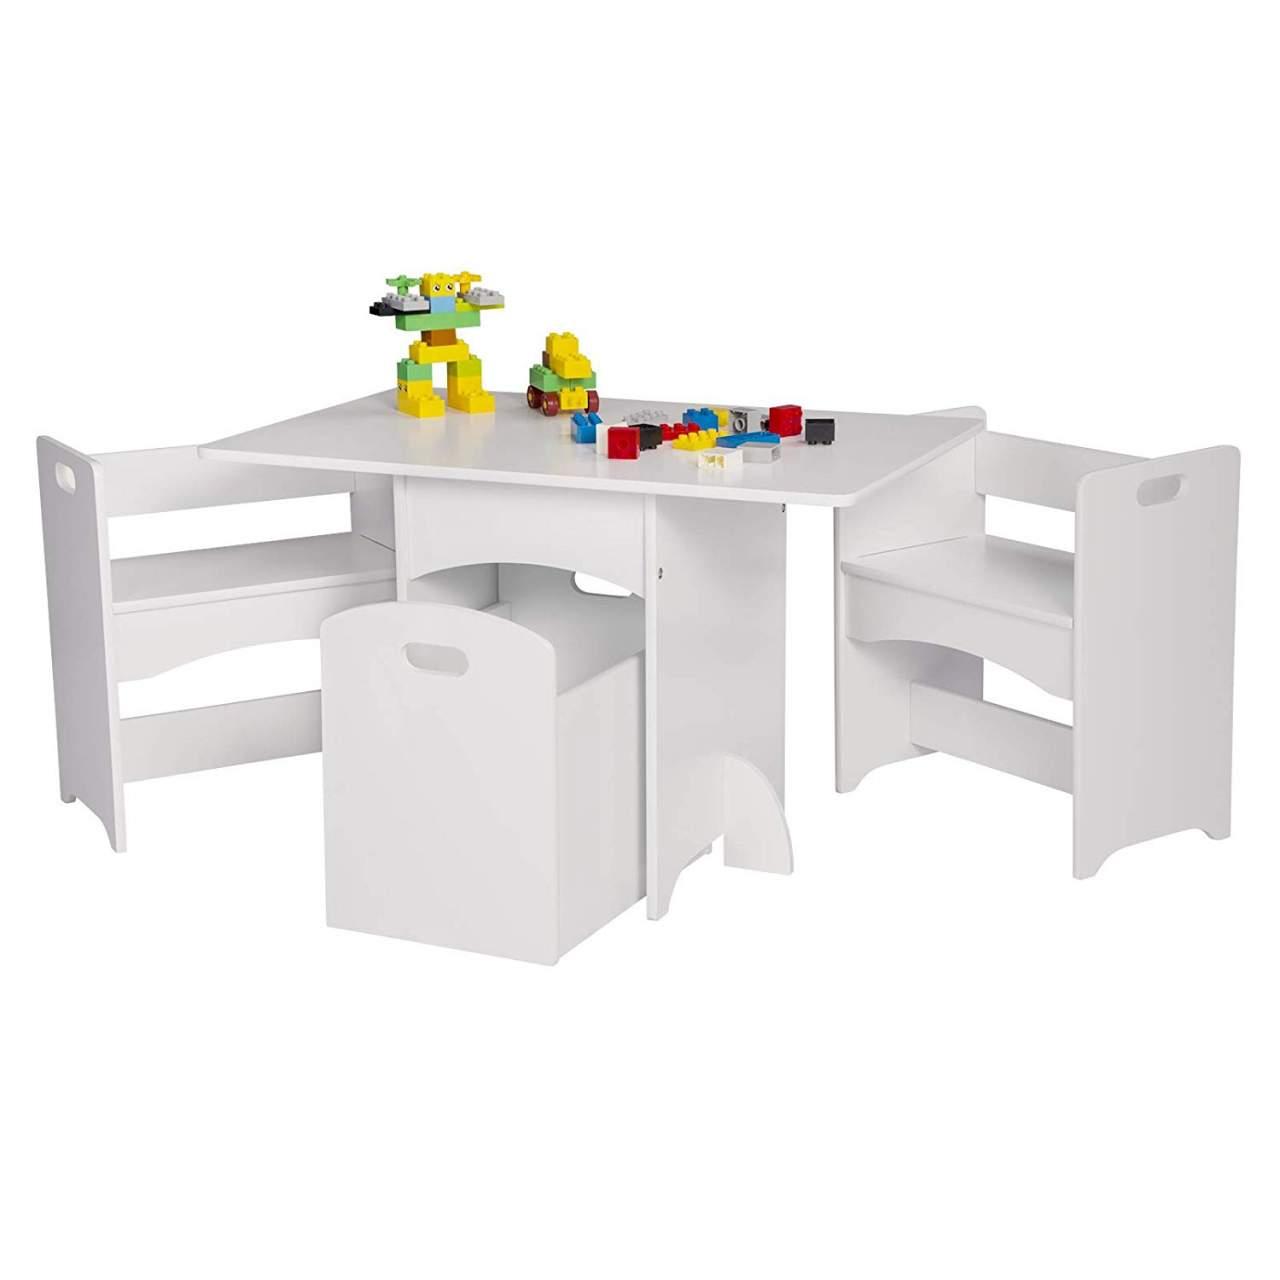 3 in1 Kindersitzgruppe Kindertisch mit 2 Sitzbank für Kinder